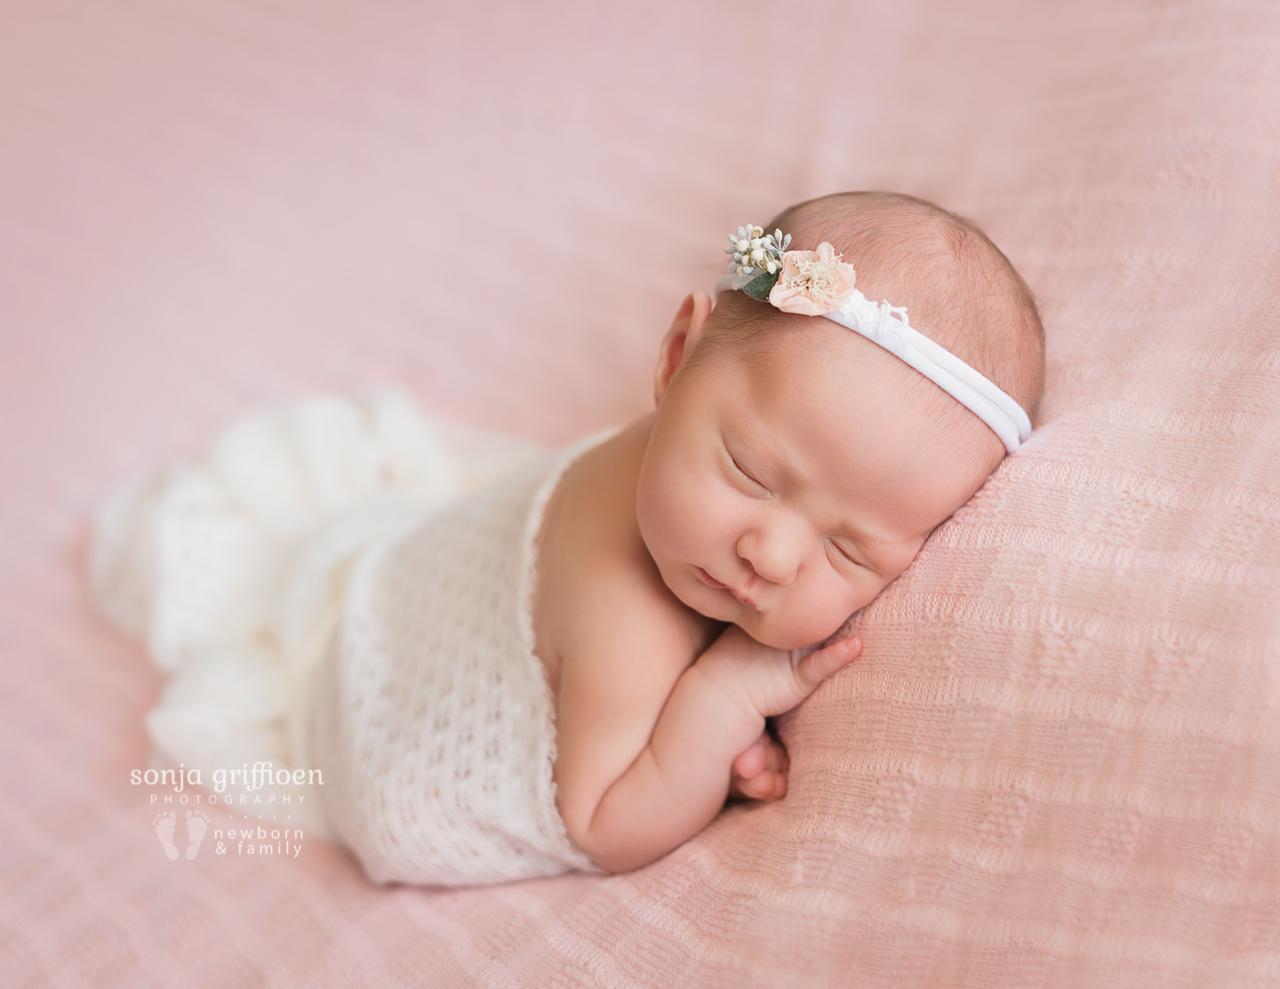 Violet-Newborn-Brisbane-Newborn-Photographer-Sonja-Griffioen-09.jpg